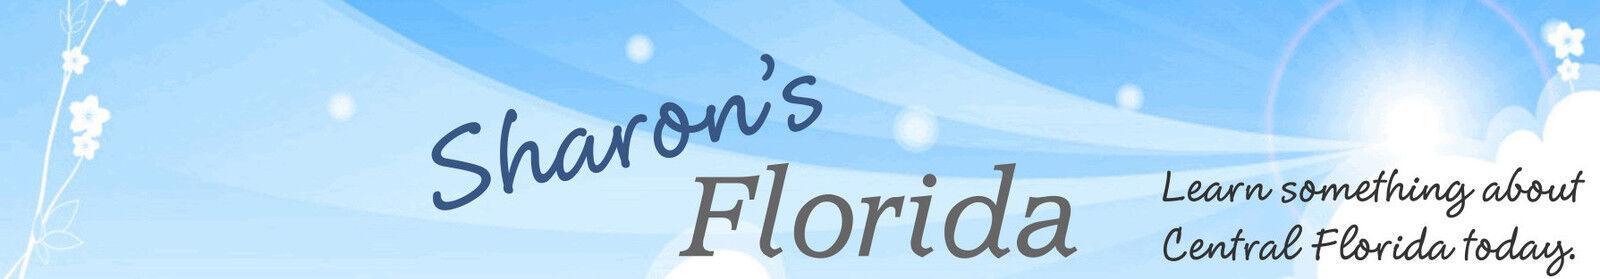 Sharons Florida